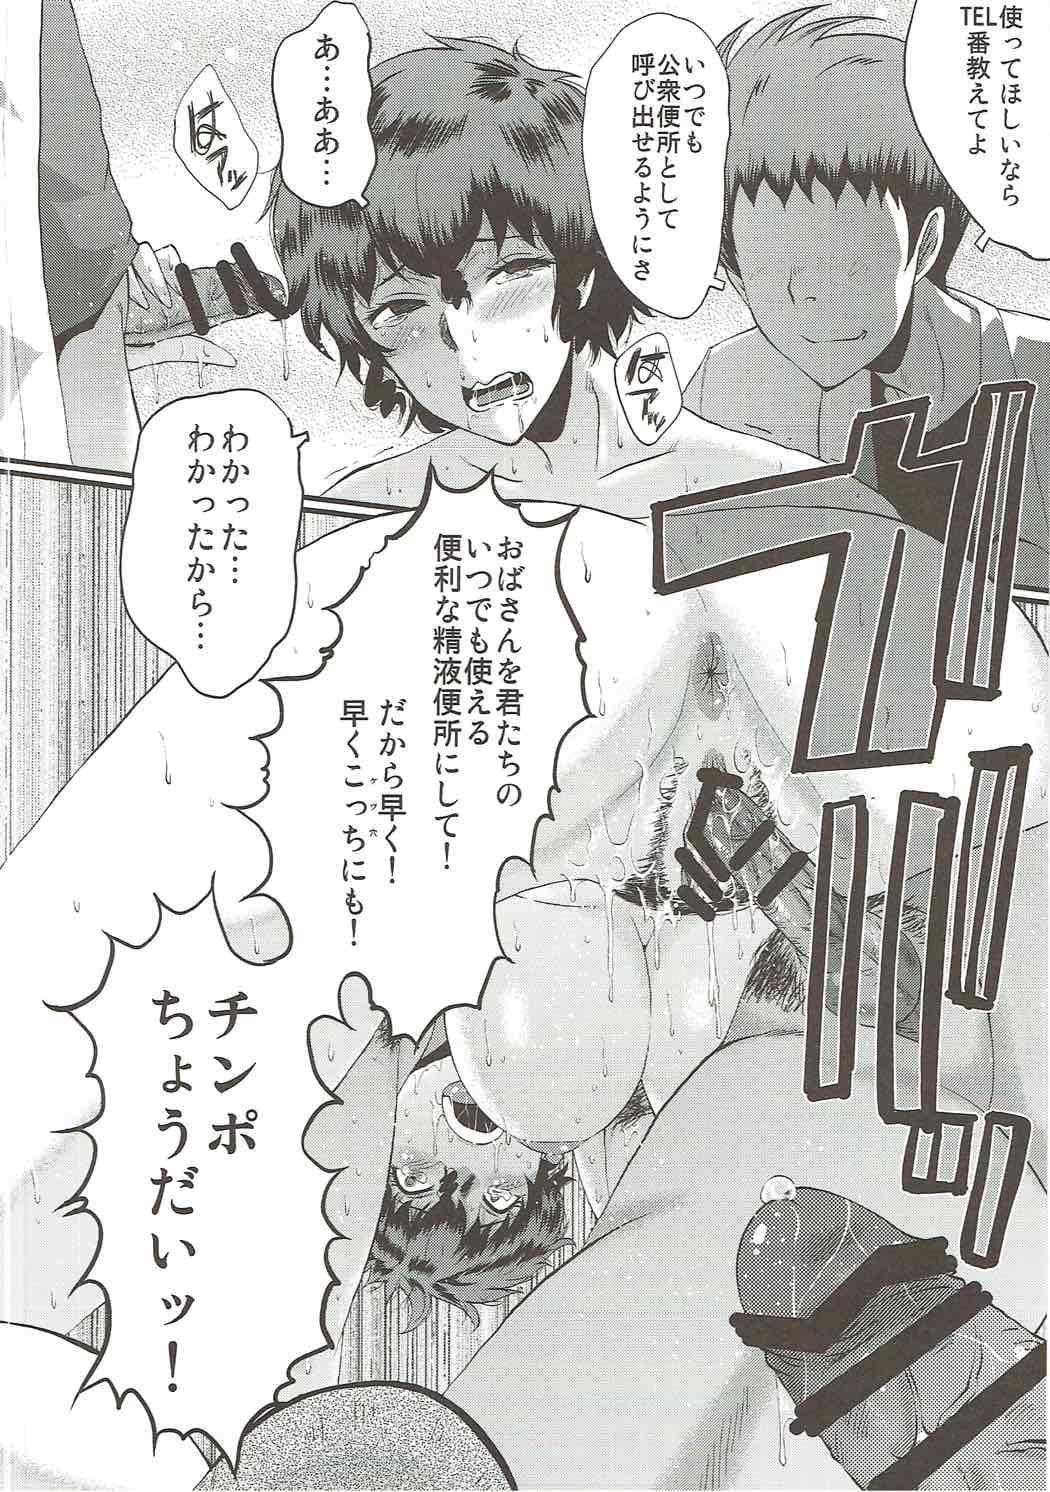 Urabambi 54 Oku-san, Chotto Ii desu ka? 18